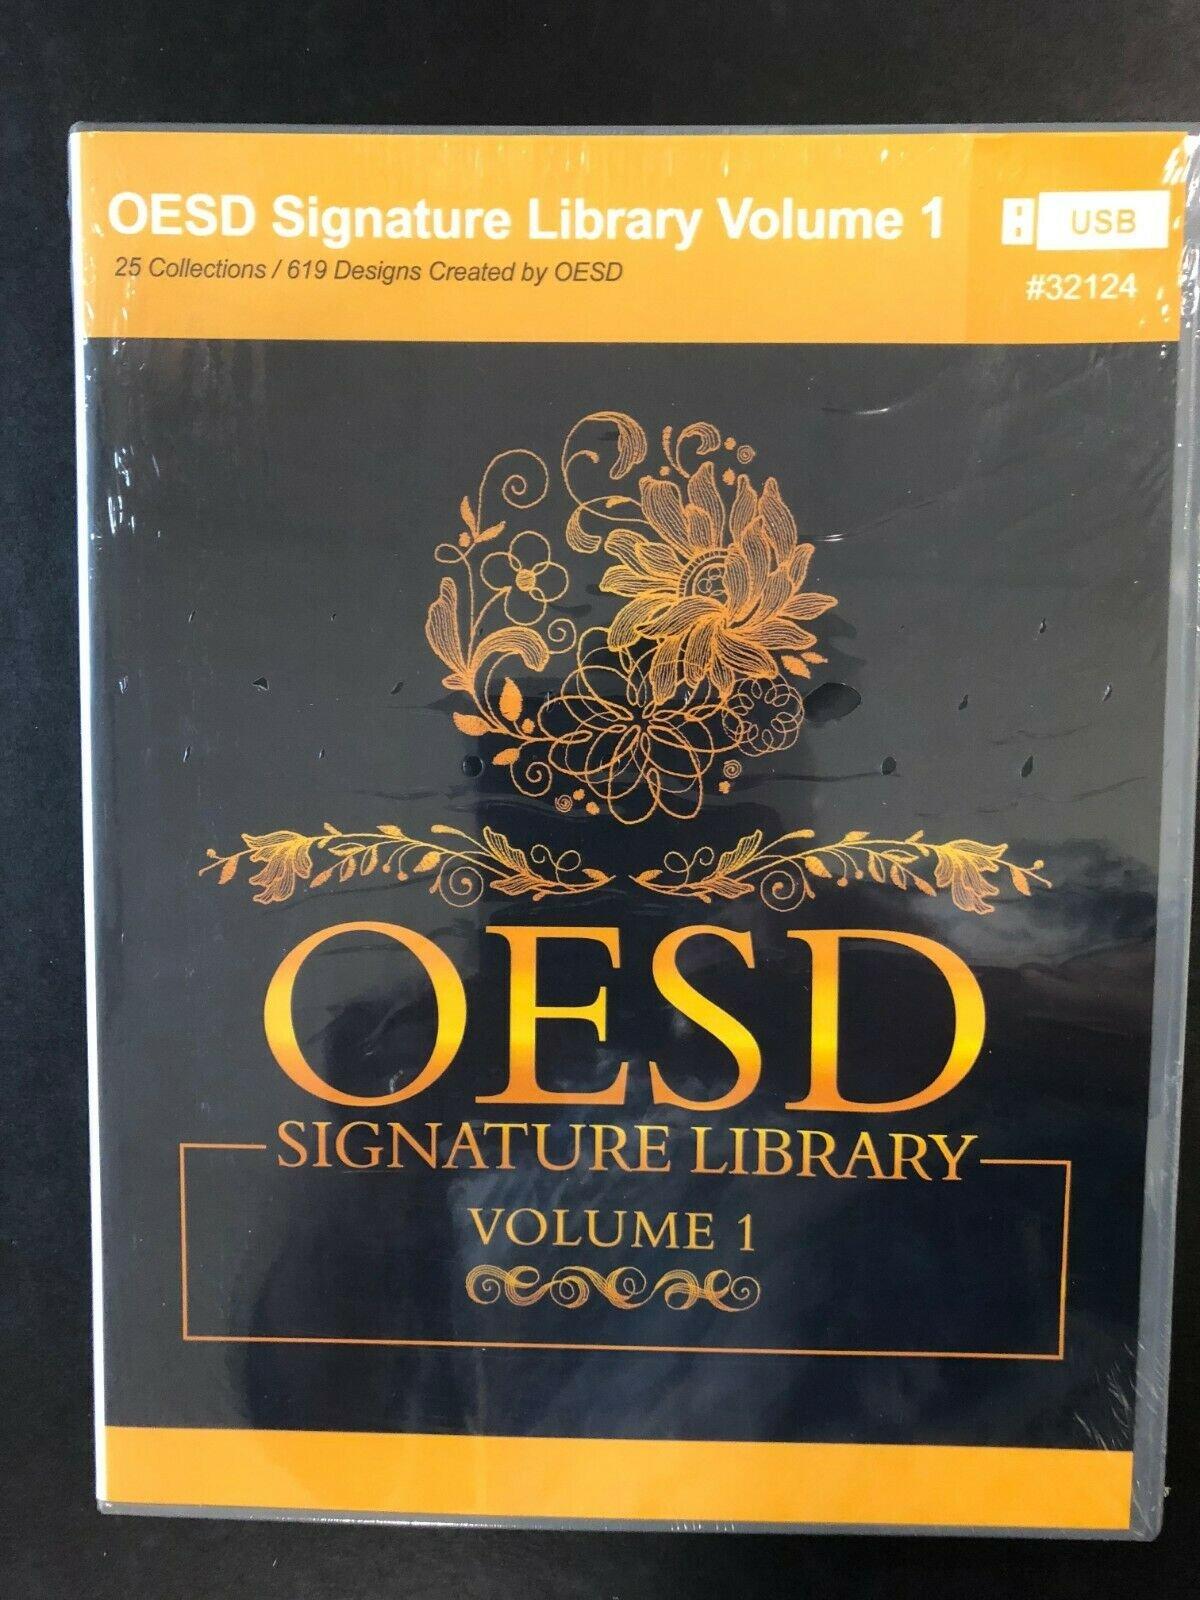 OESD Signature Library Vol 1